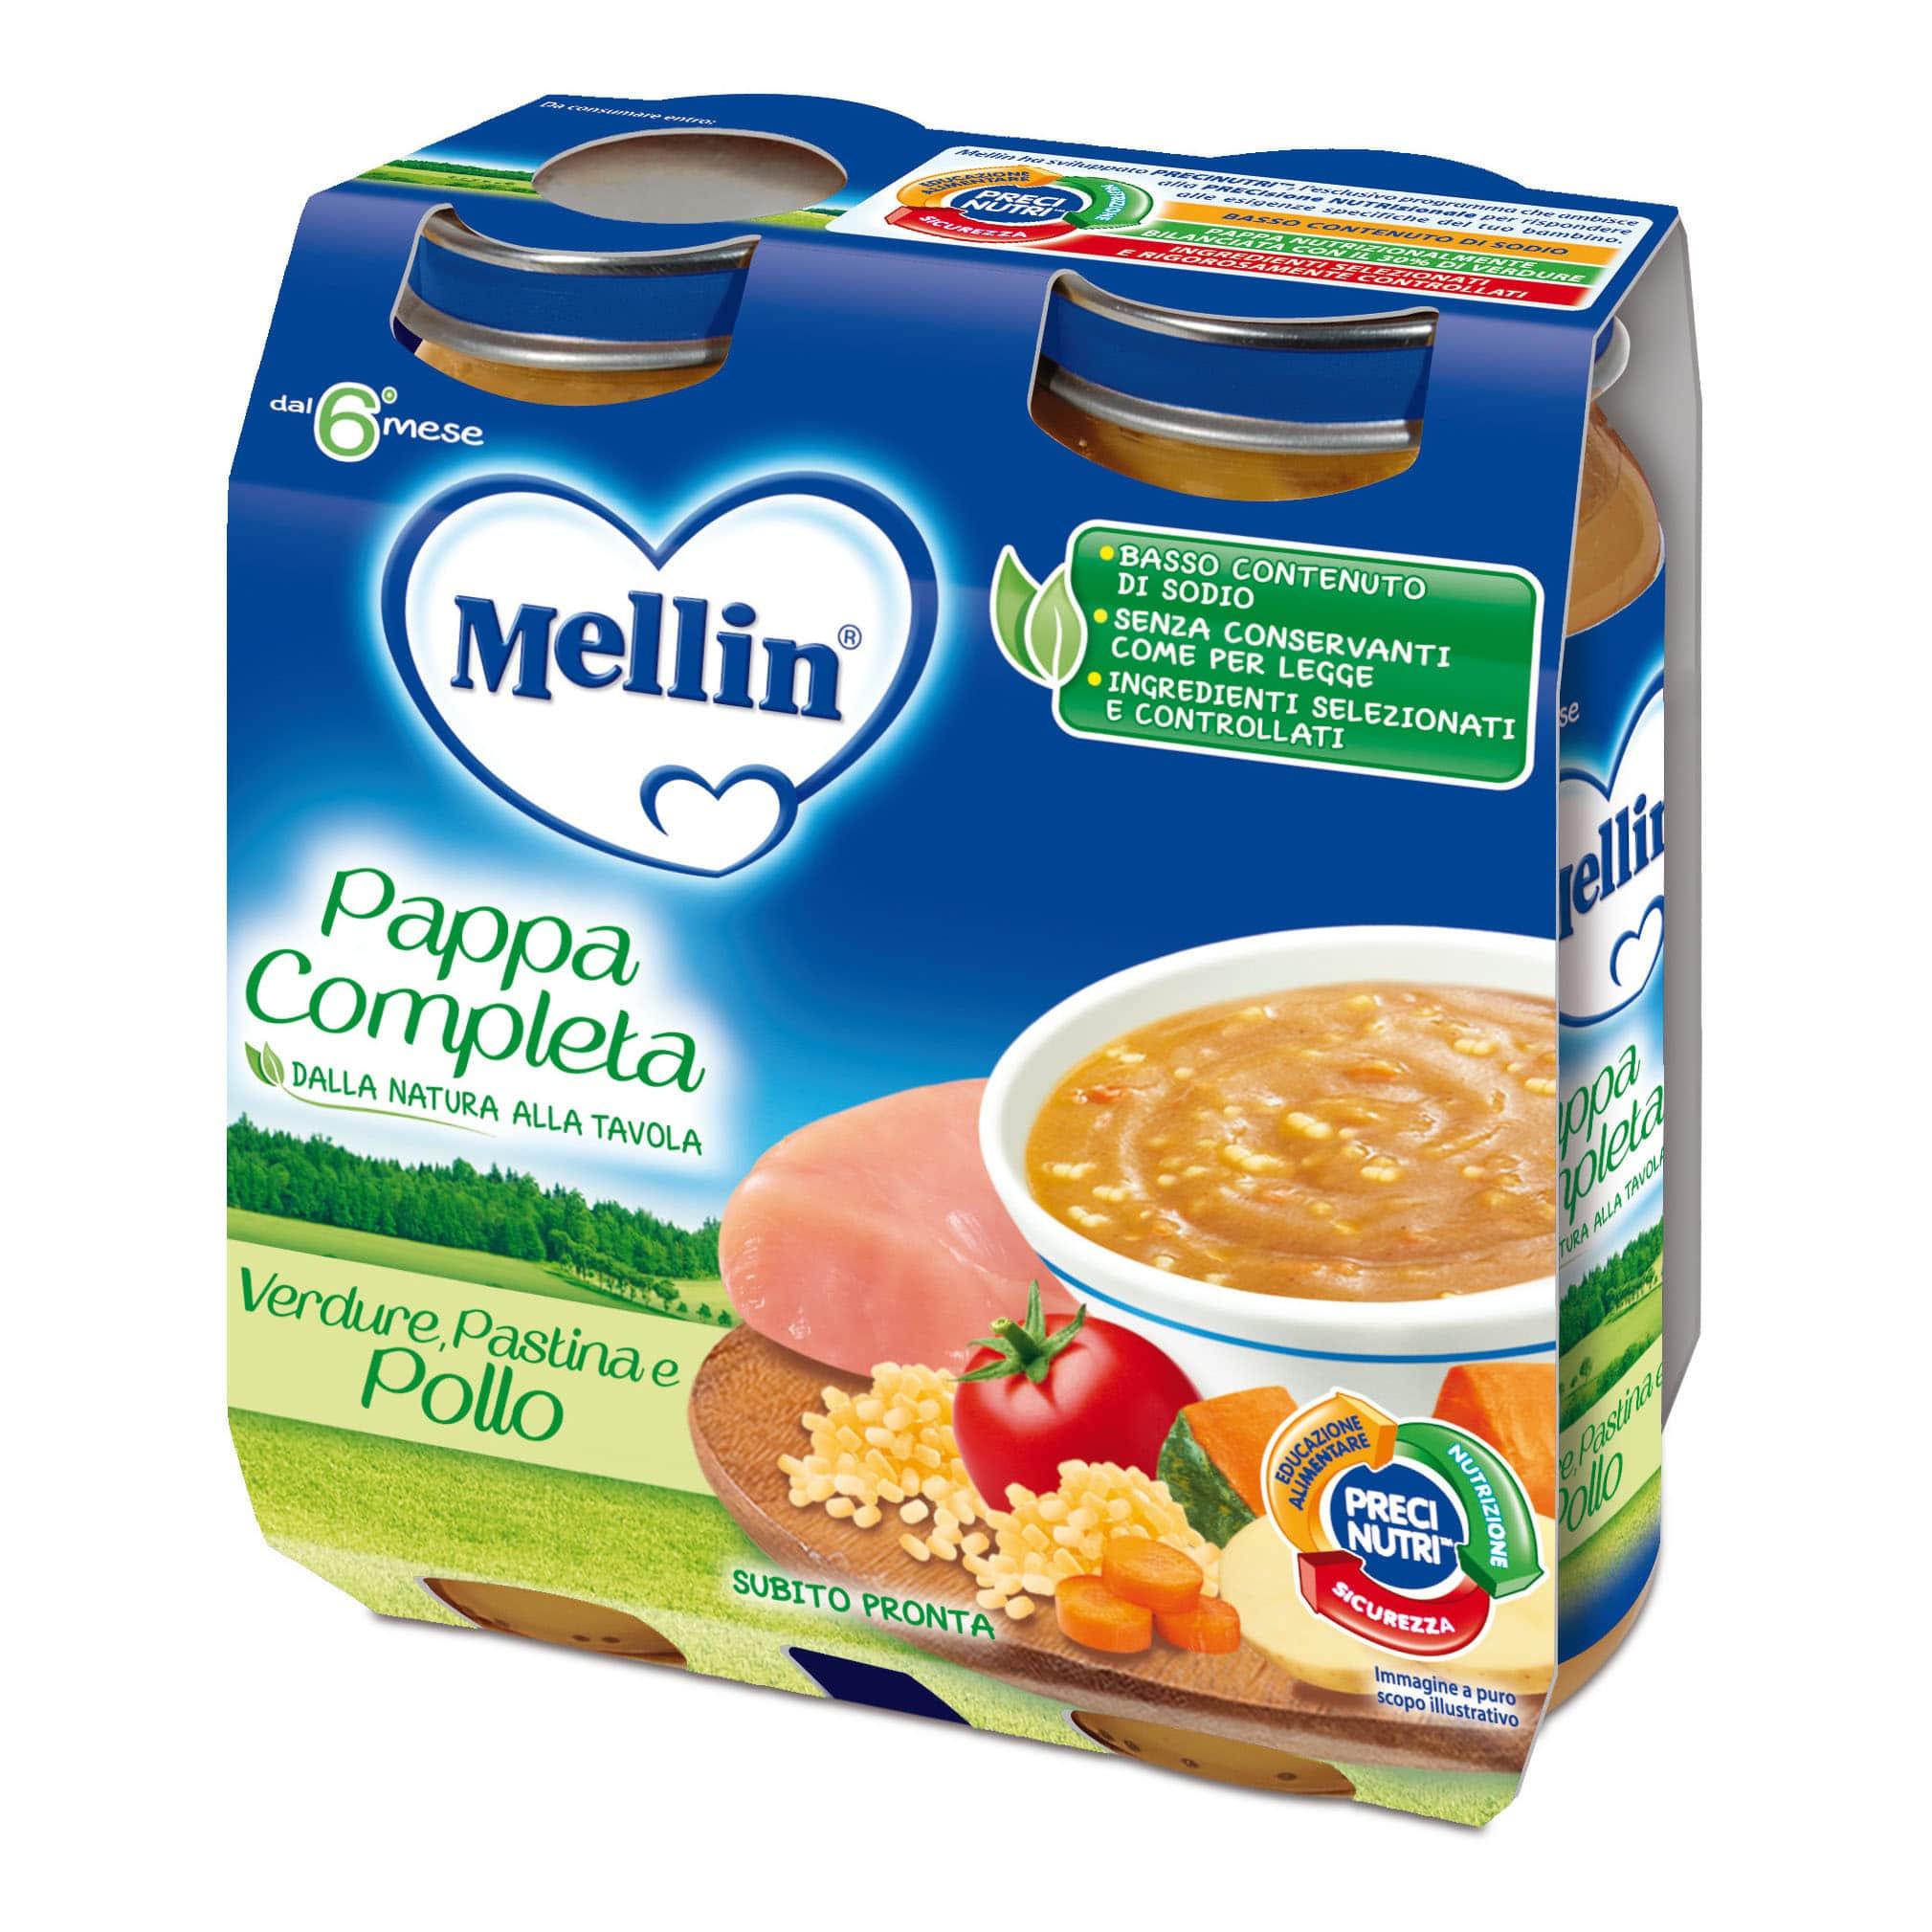 Pappa Completa Mellin - Verdure, Pastina e Pollo